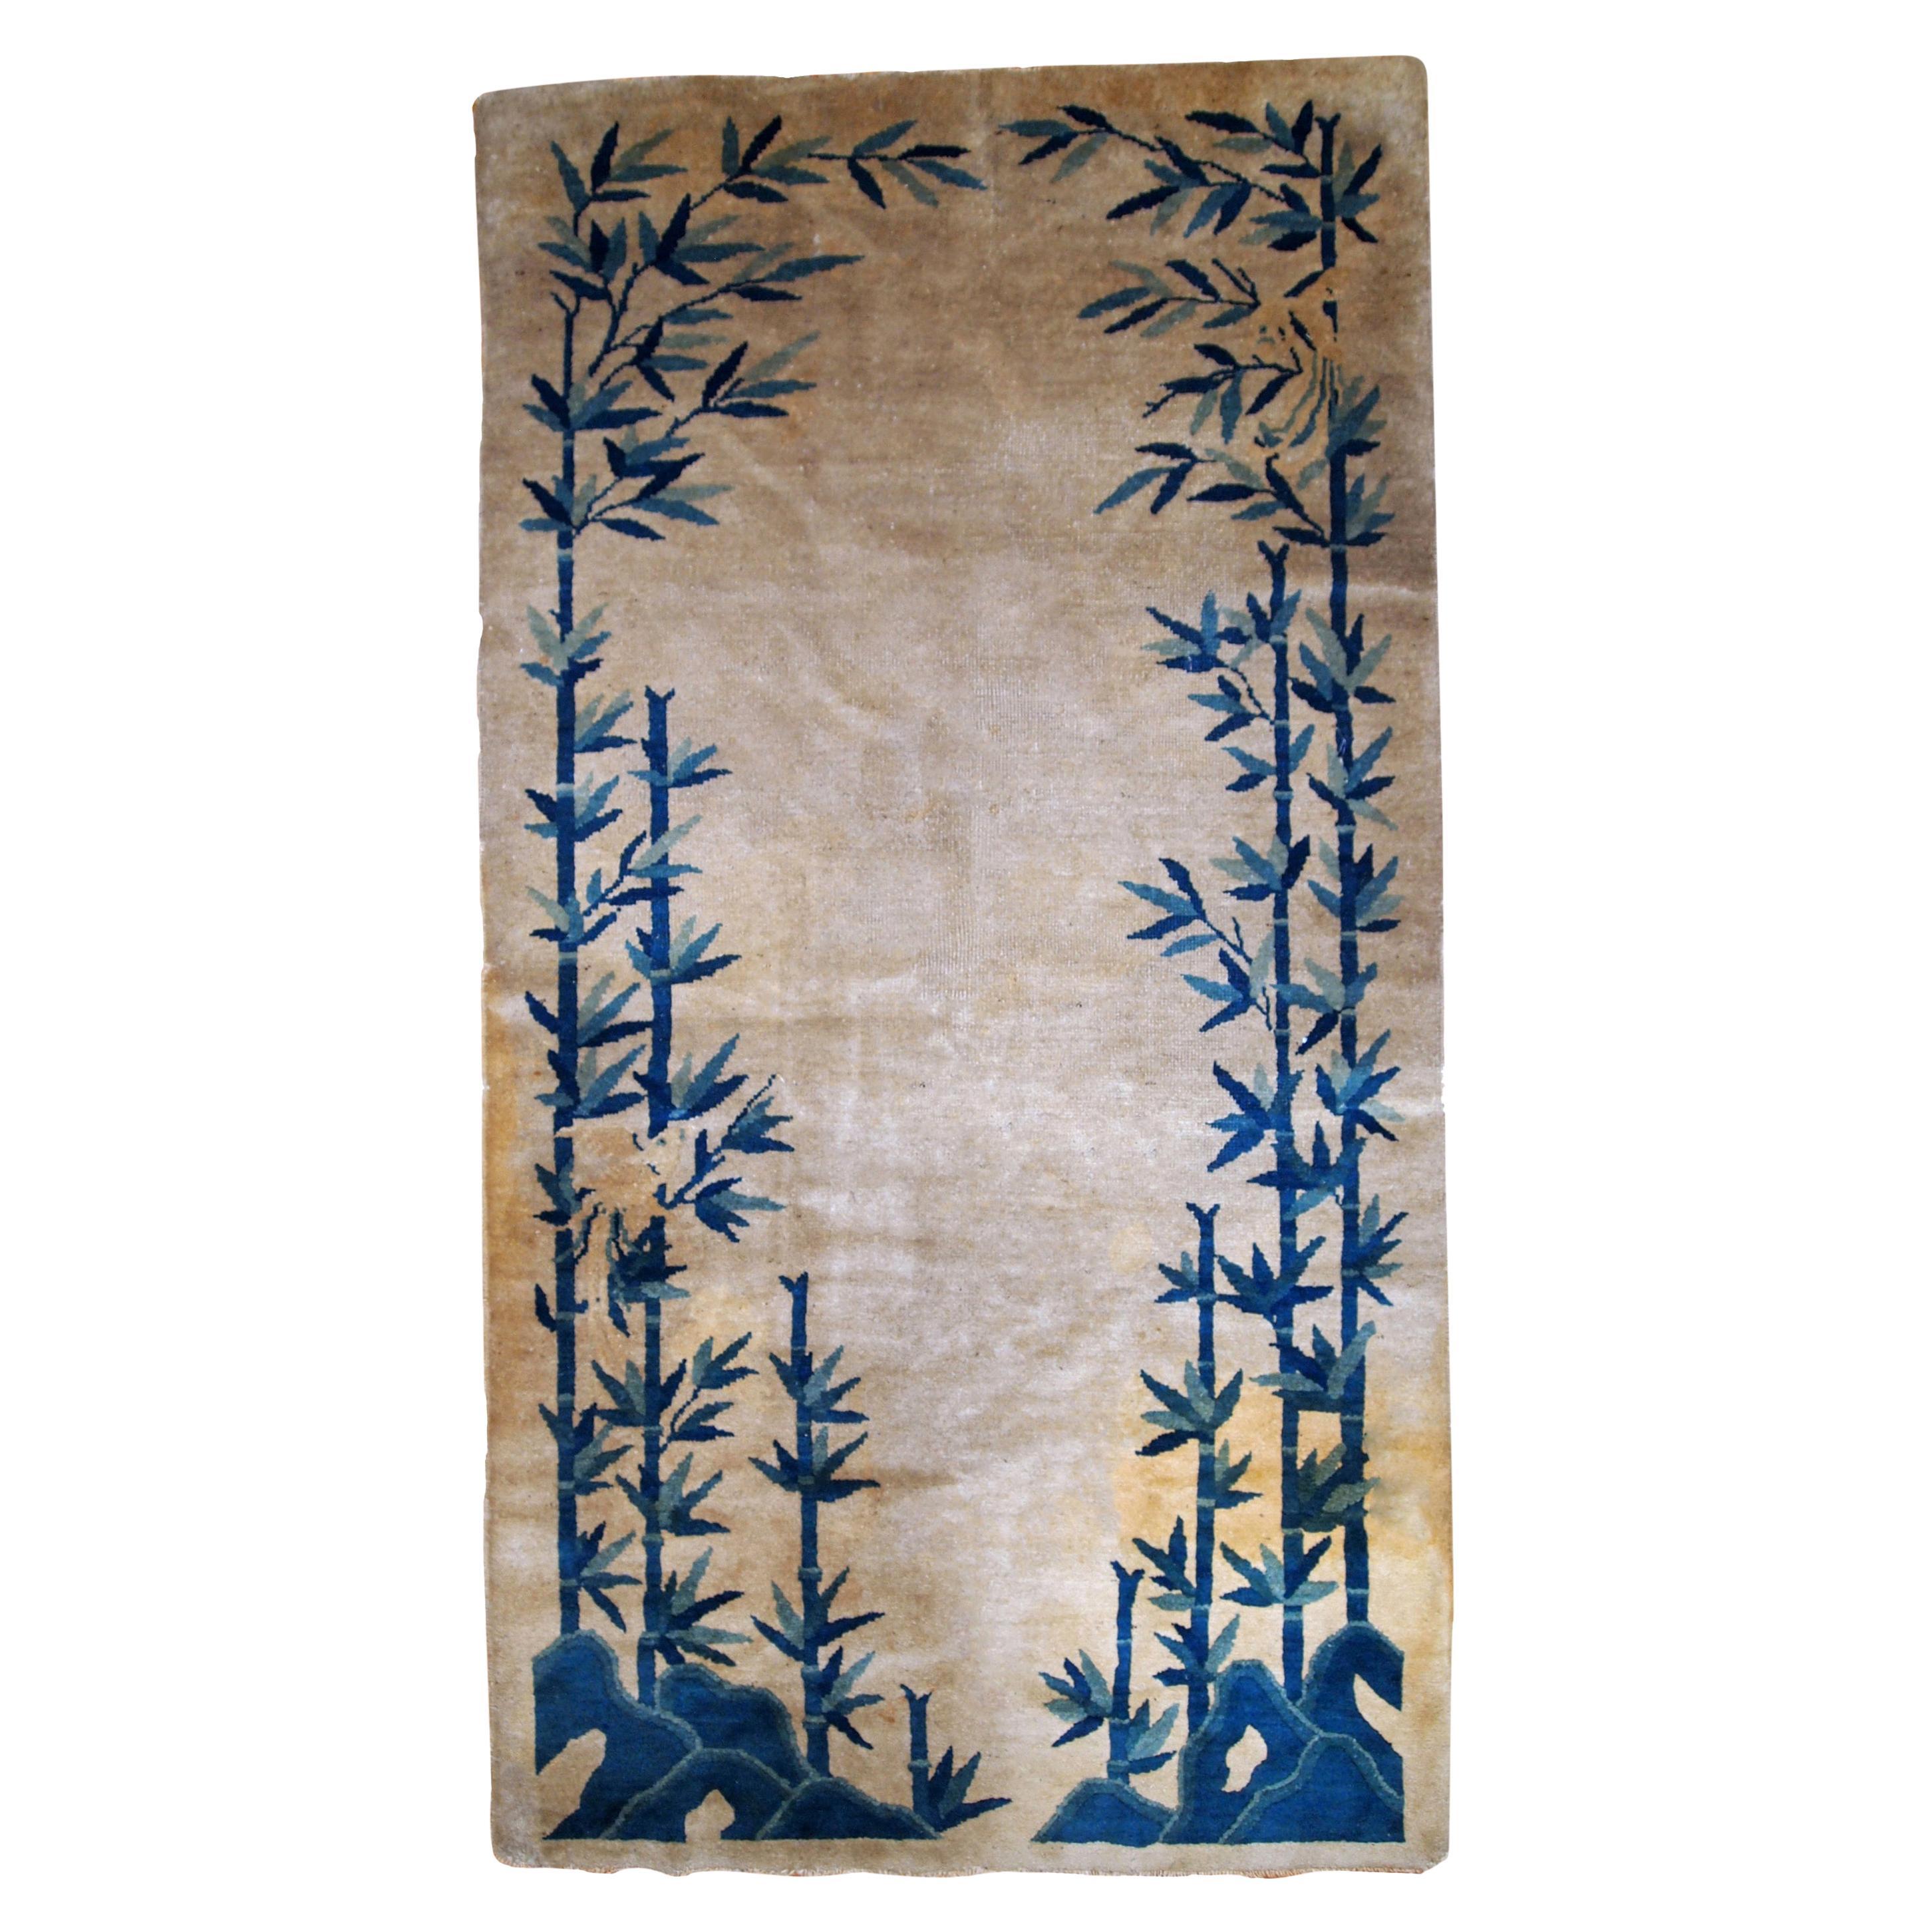 Handmade Antique Chinese Peking Rug, 1900s, 1B866